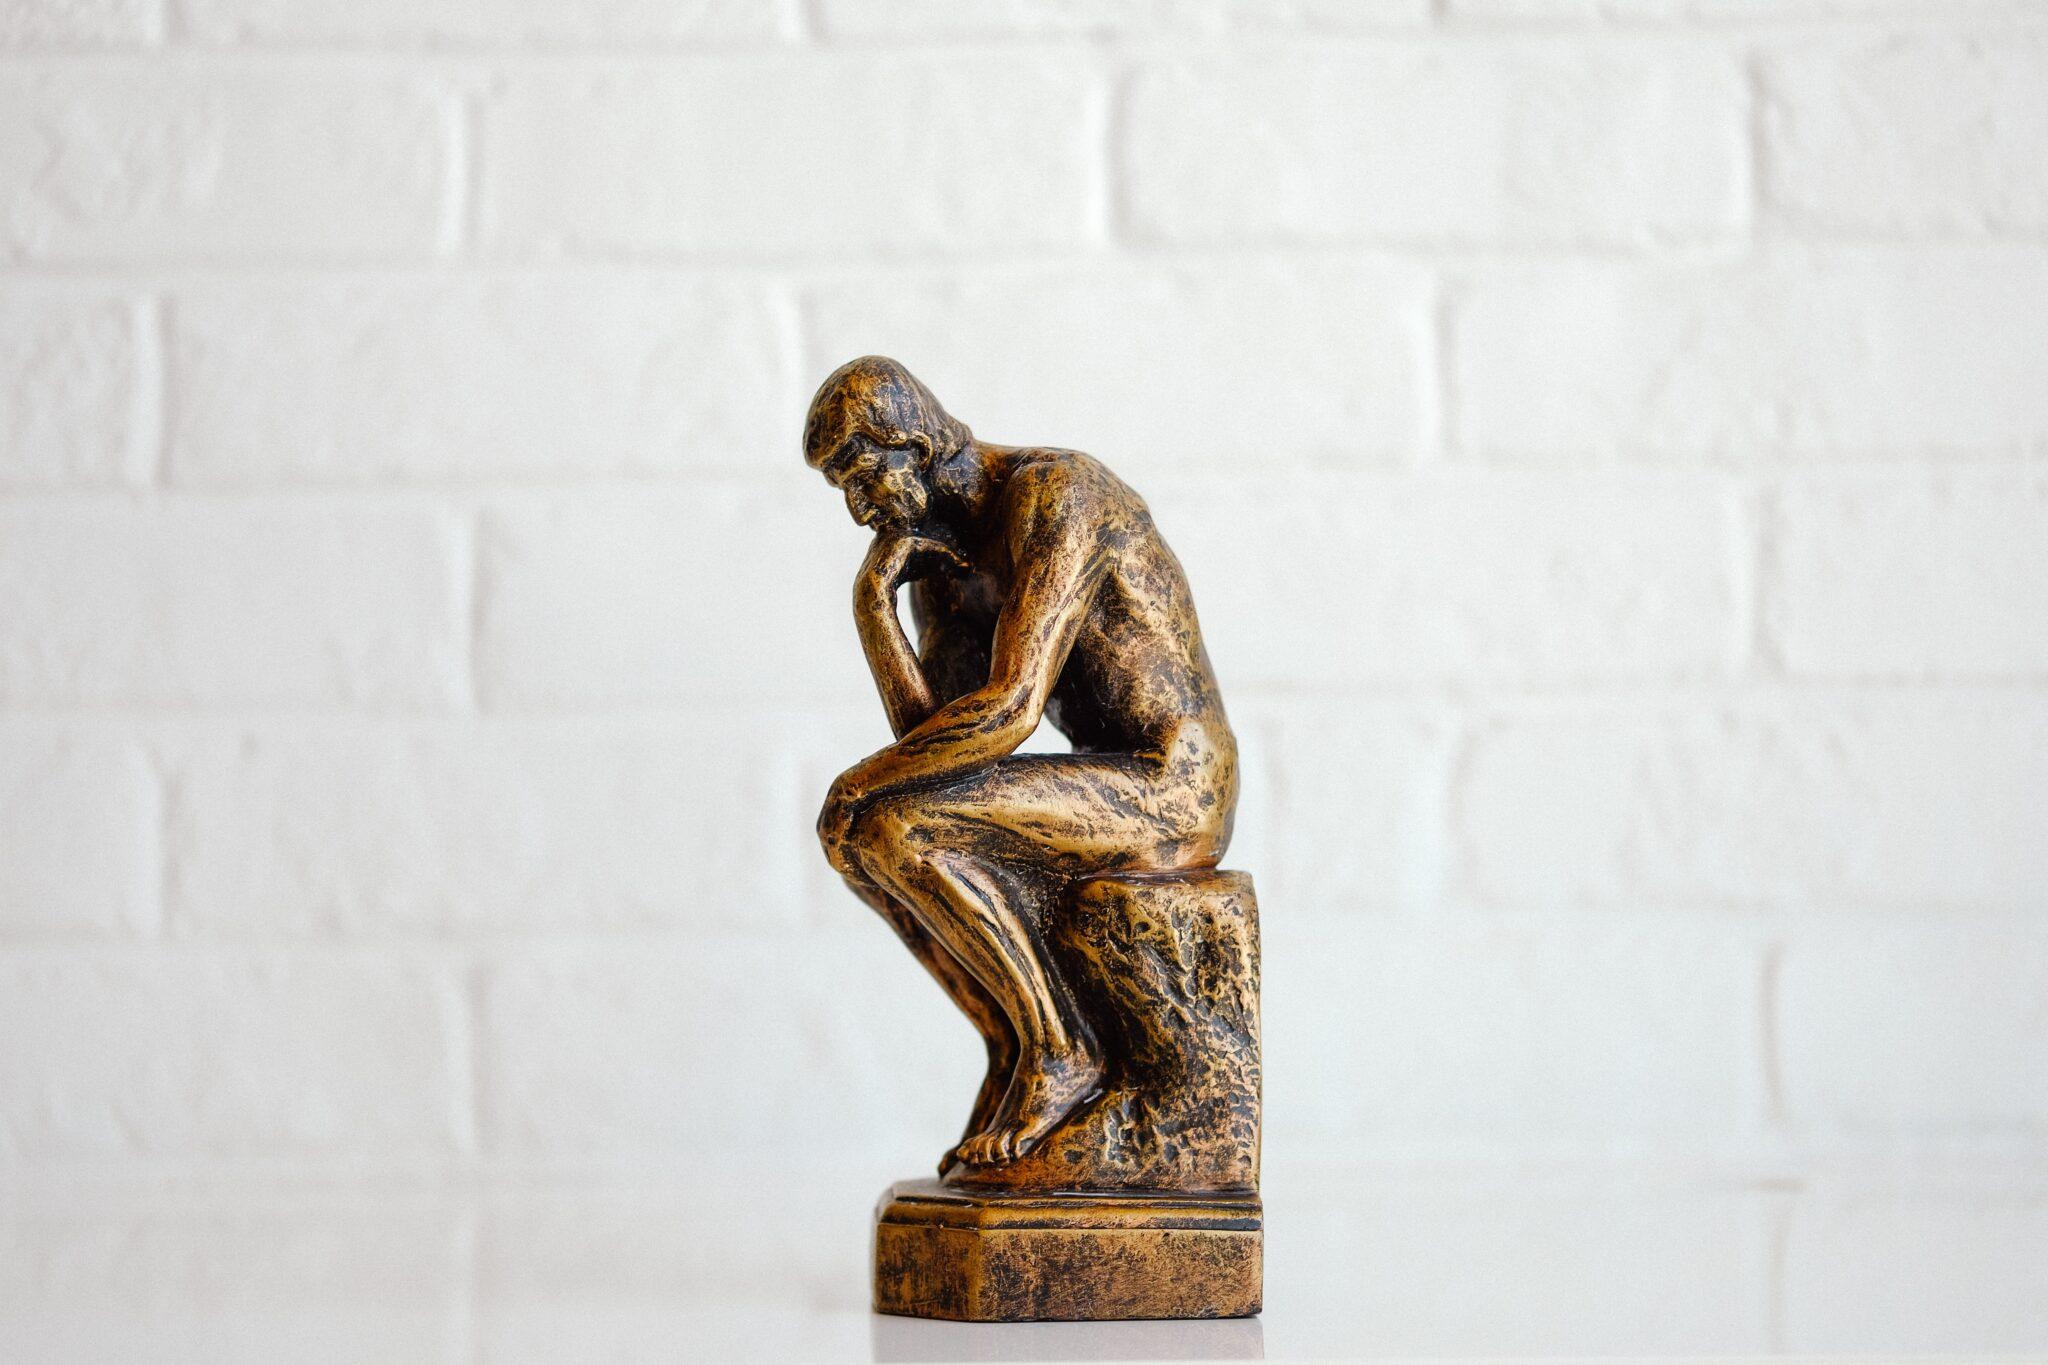 statua del pensatore fotografata di profilo su sfondo bianco